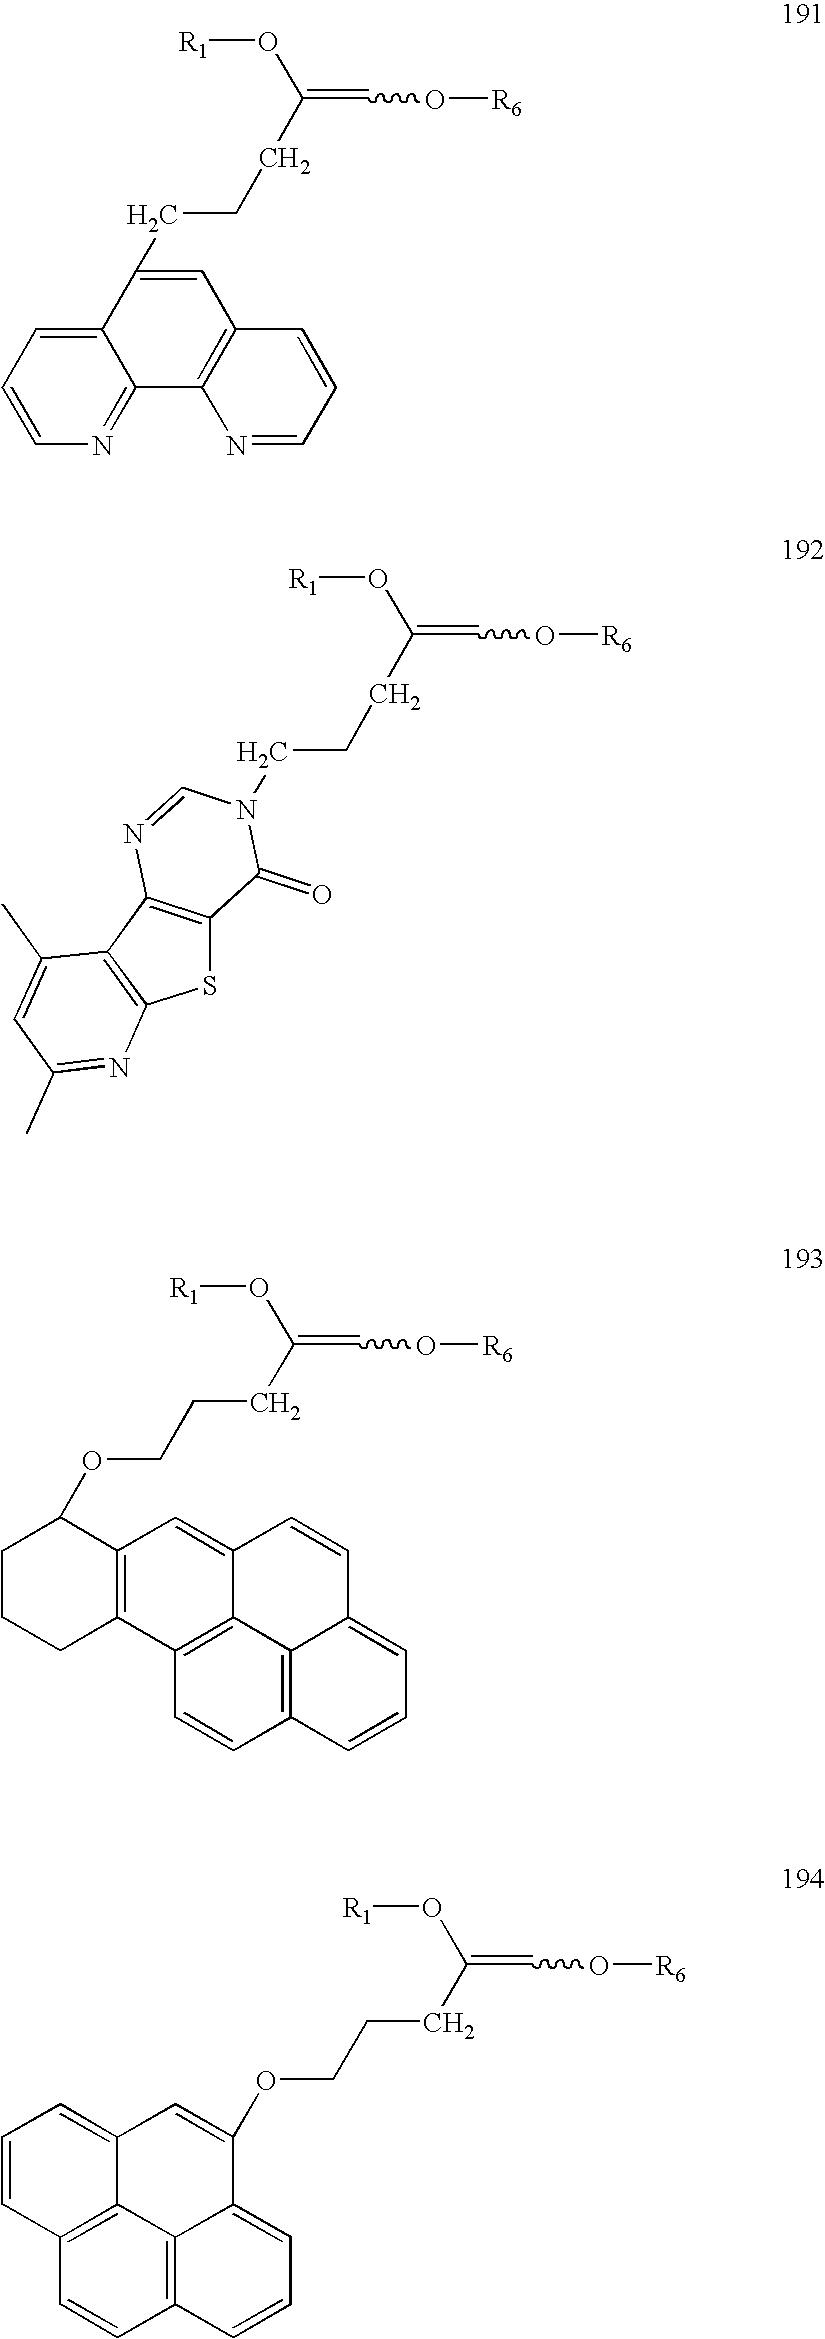 Figure US20060014144A1-20060119-C00130